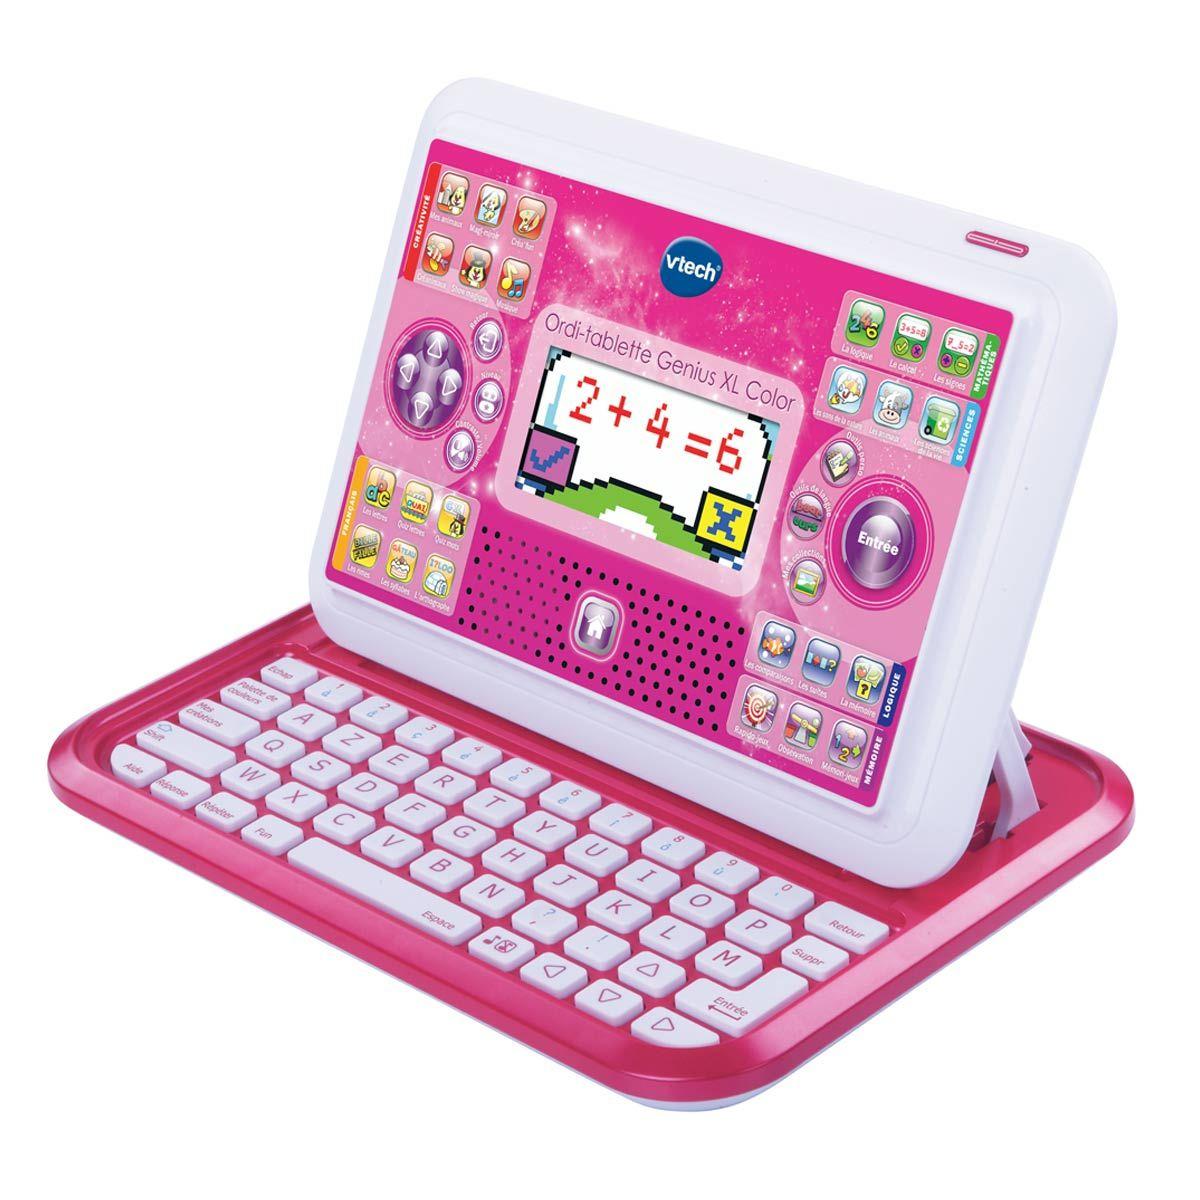 Ordi Tablette Genius Xl Rose Vtech | Ordi Tablette avec Tablette Pour Enfant De 4 Ans